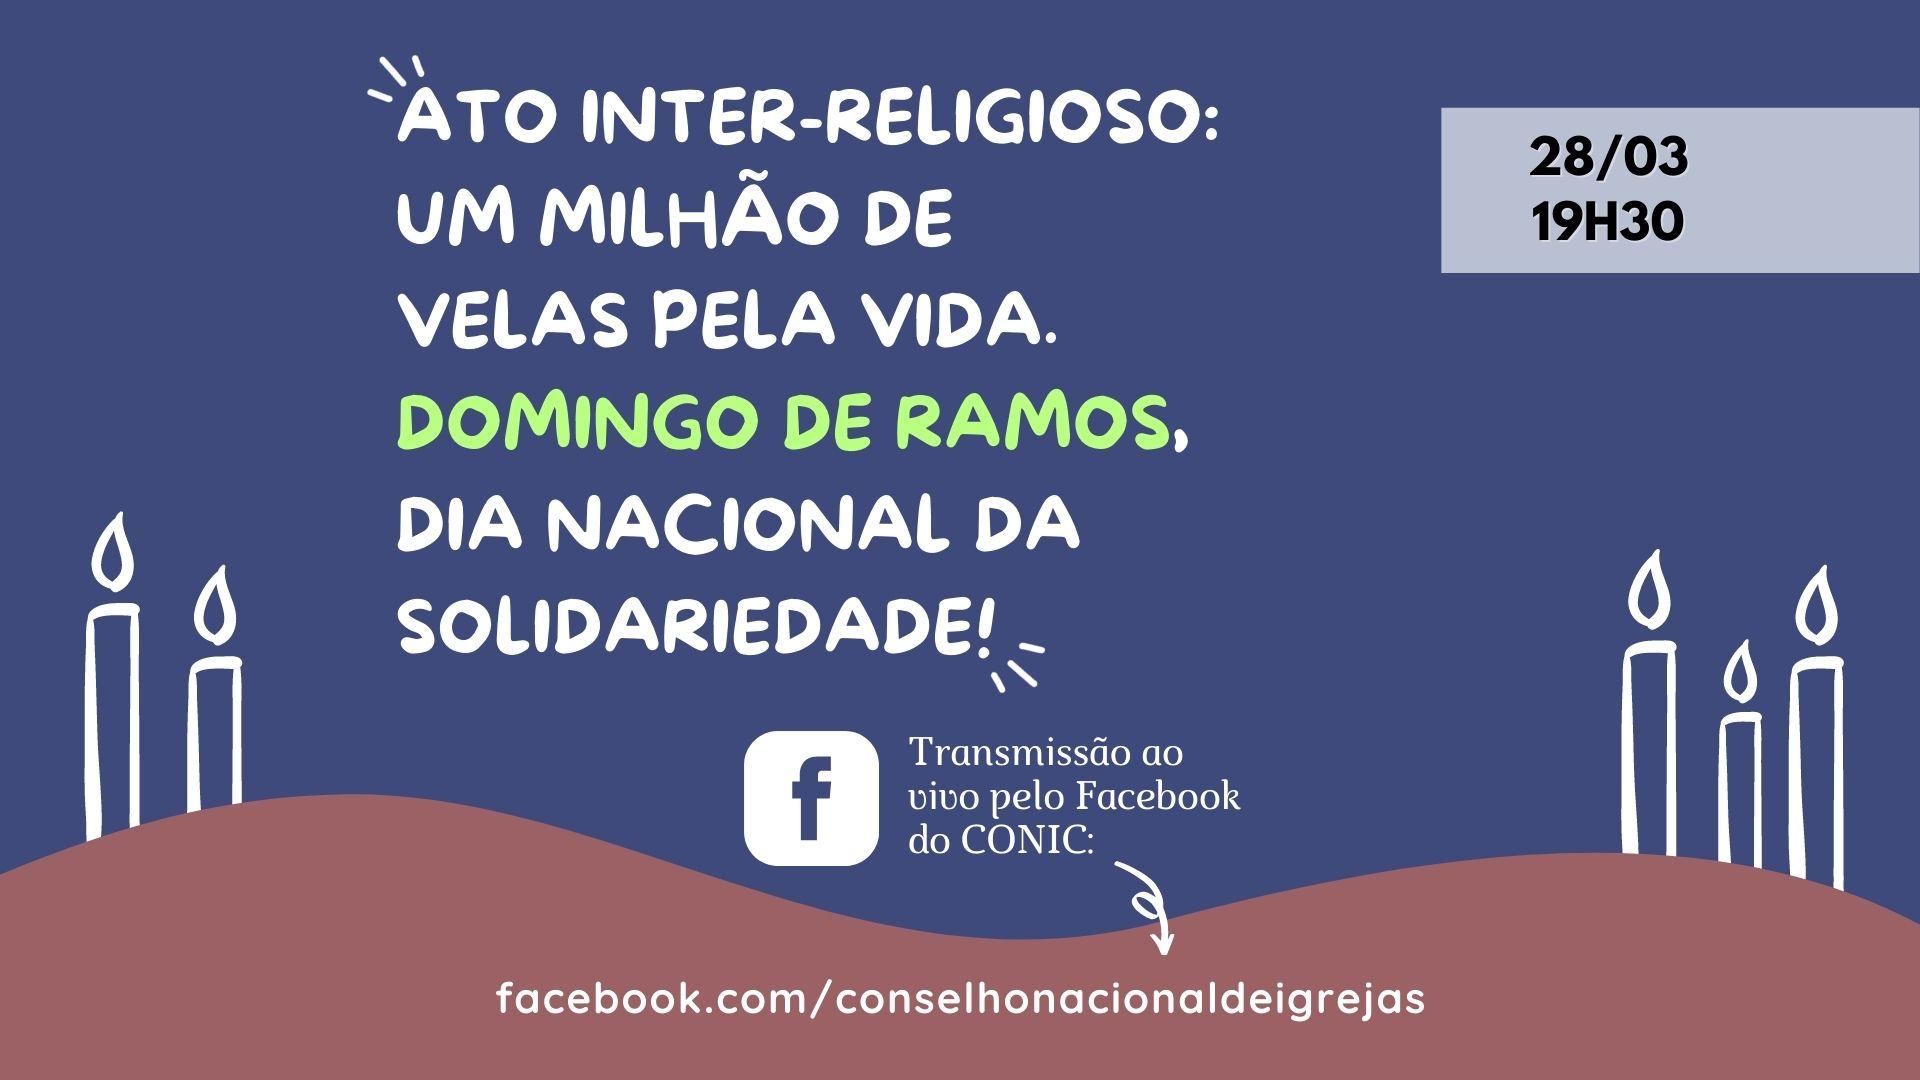 Ato inter-religioso: Um Milhão de Velas pela VIDA